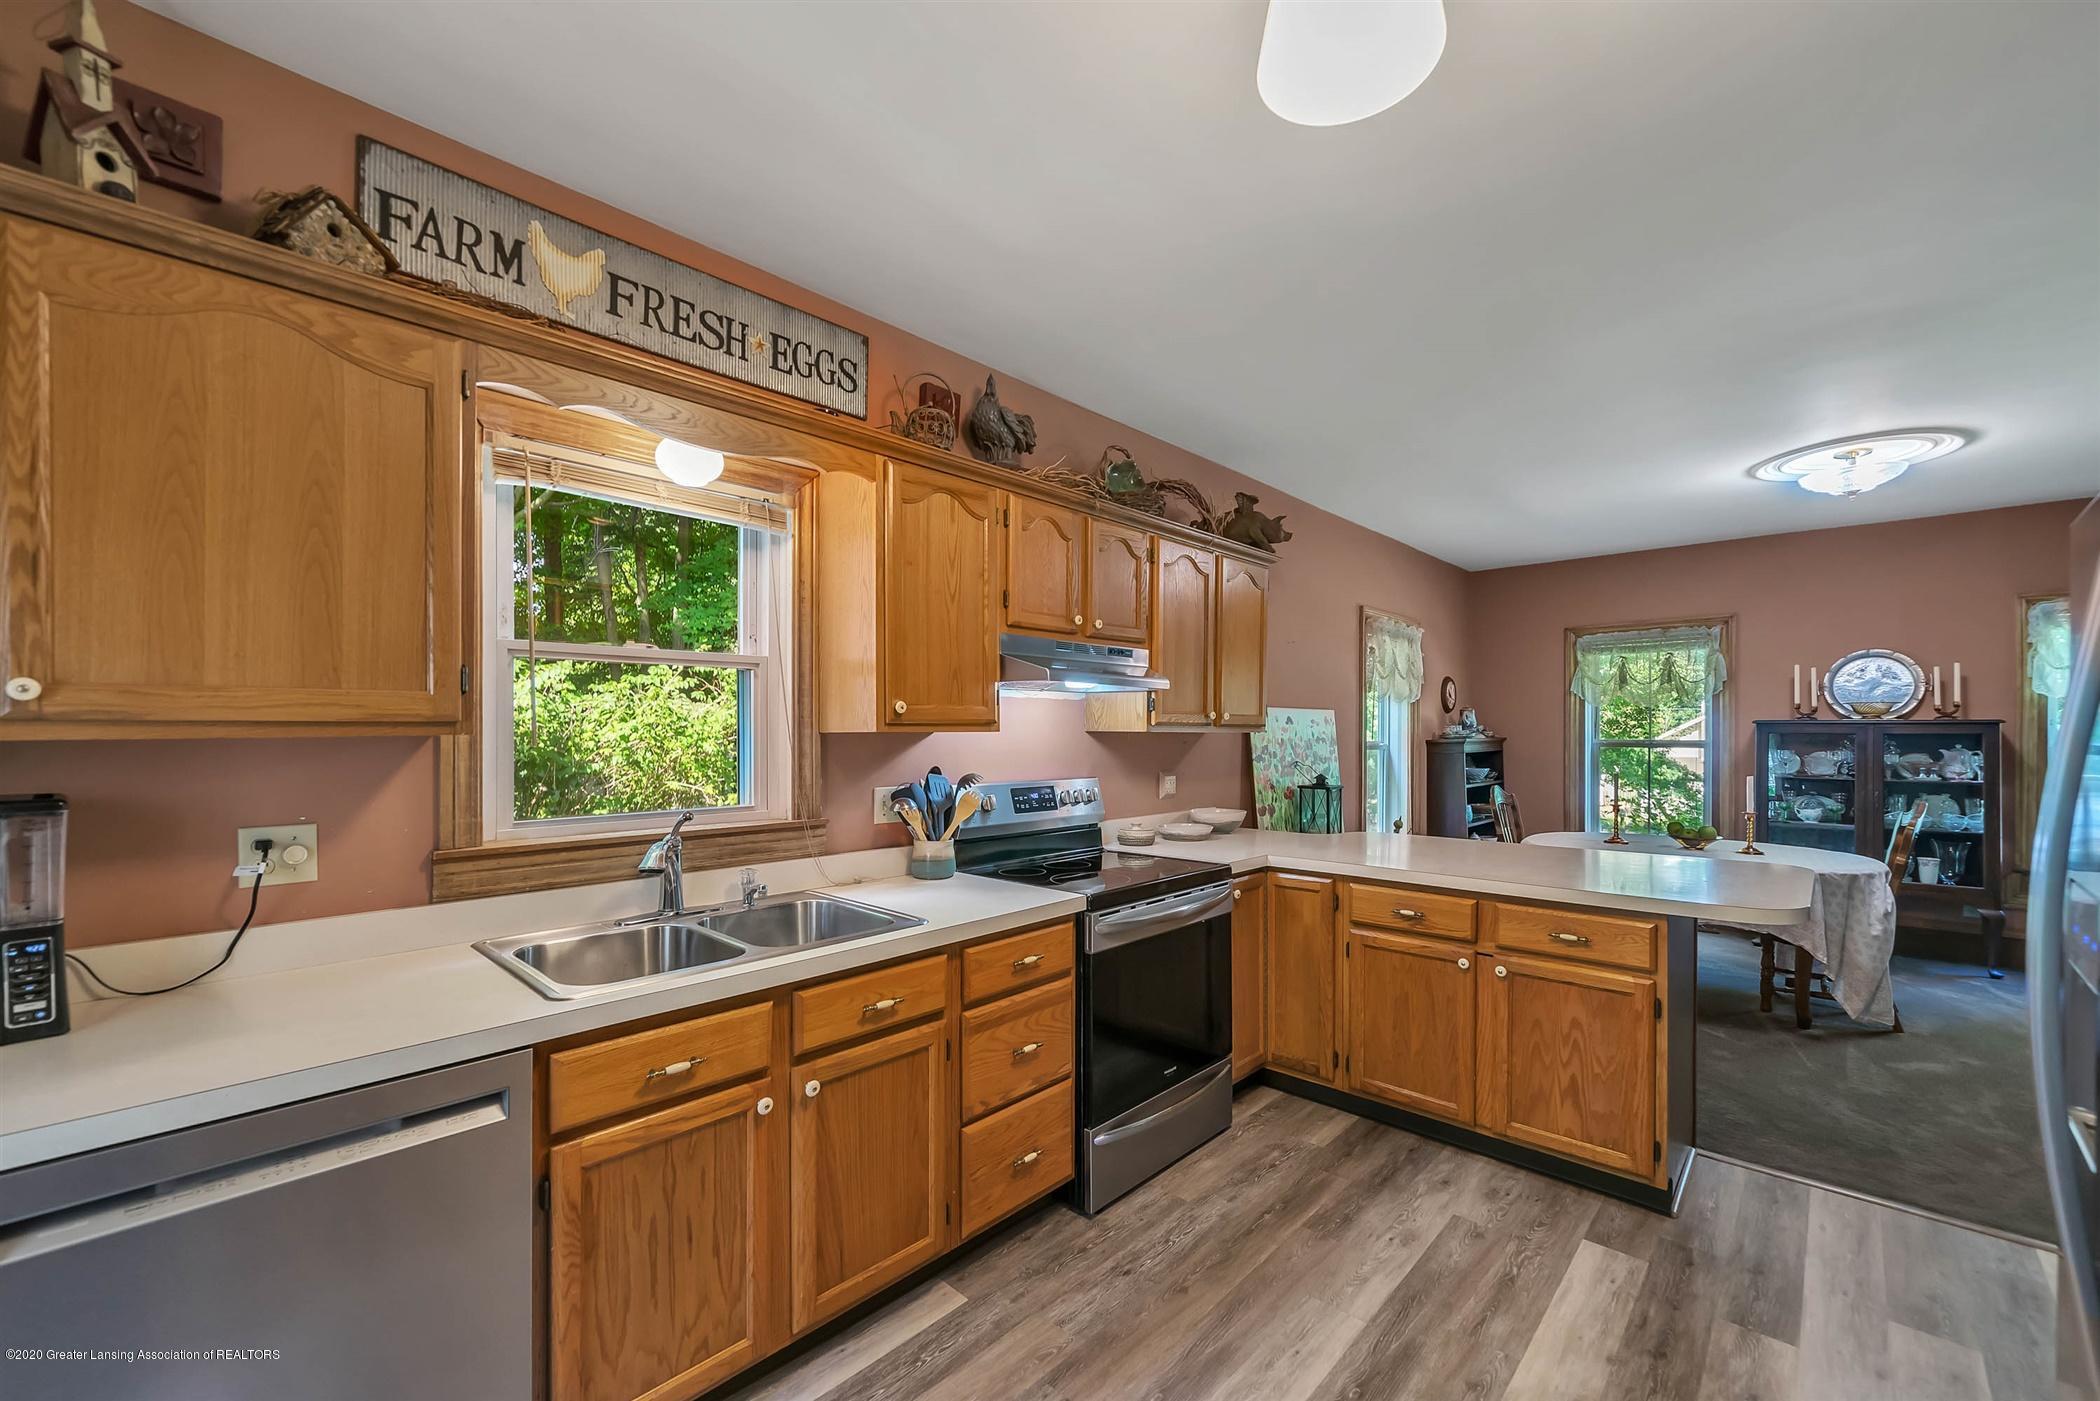 518 S Smith Rd - (4.1) MAIN FLOOR Kitchen - 5